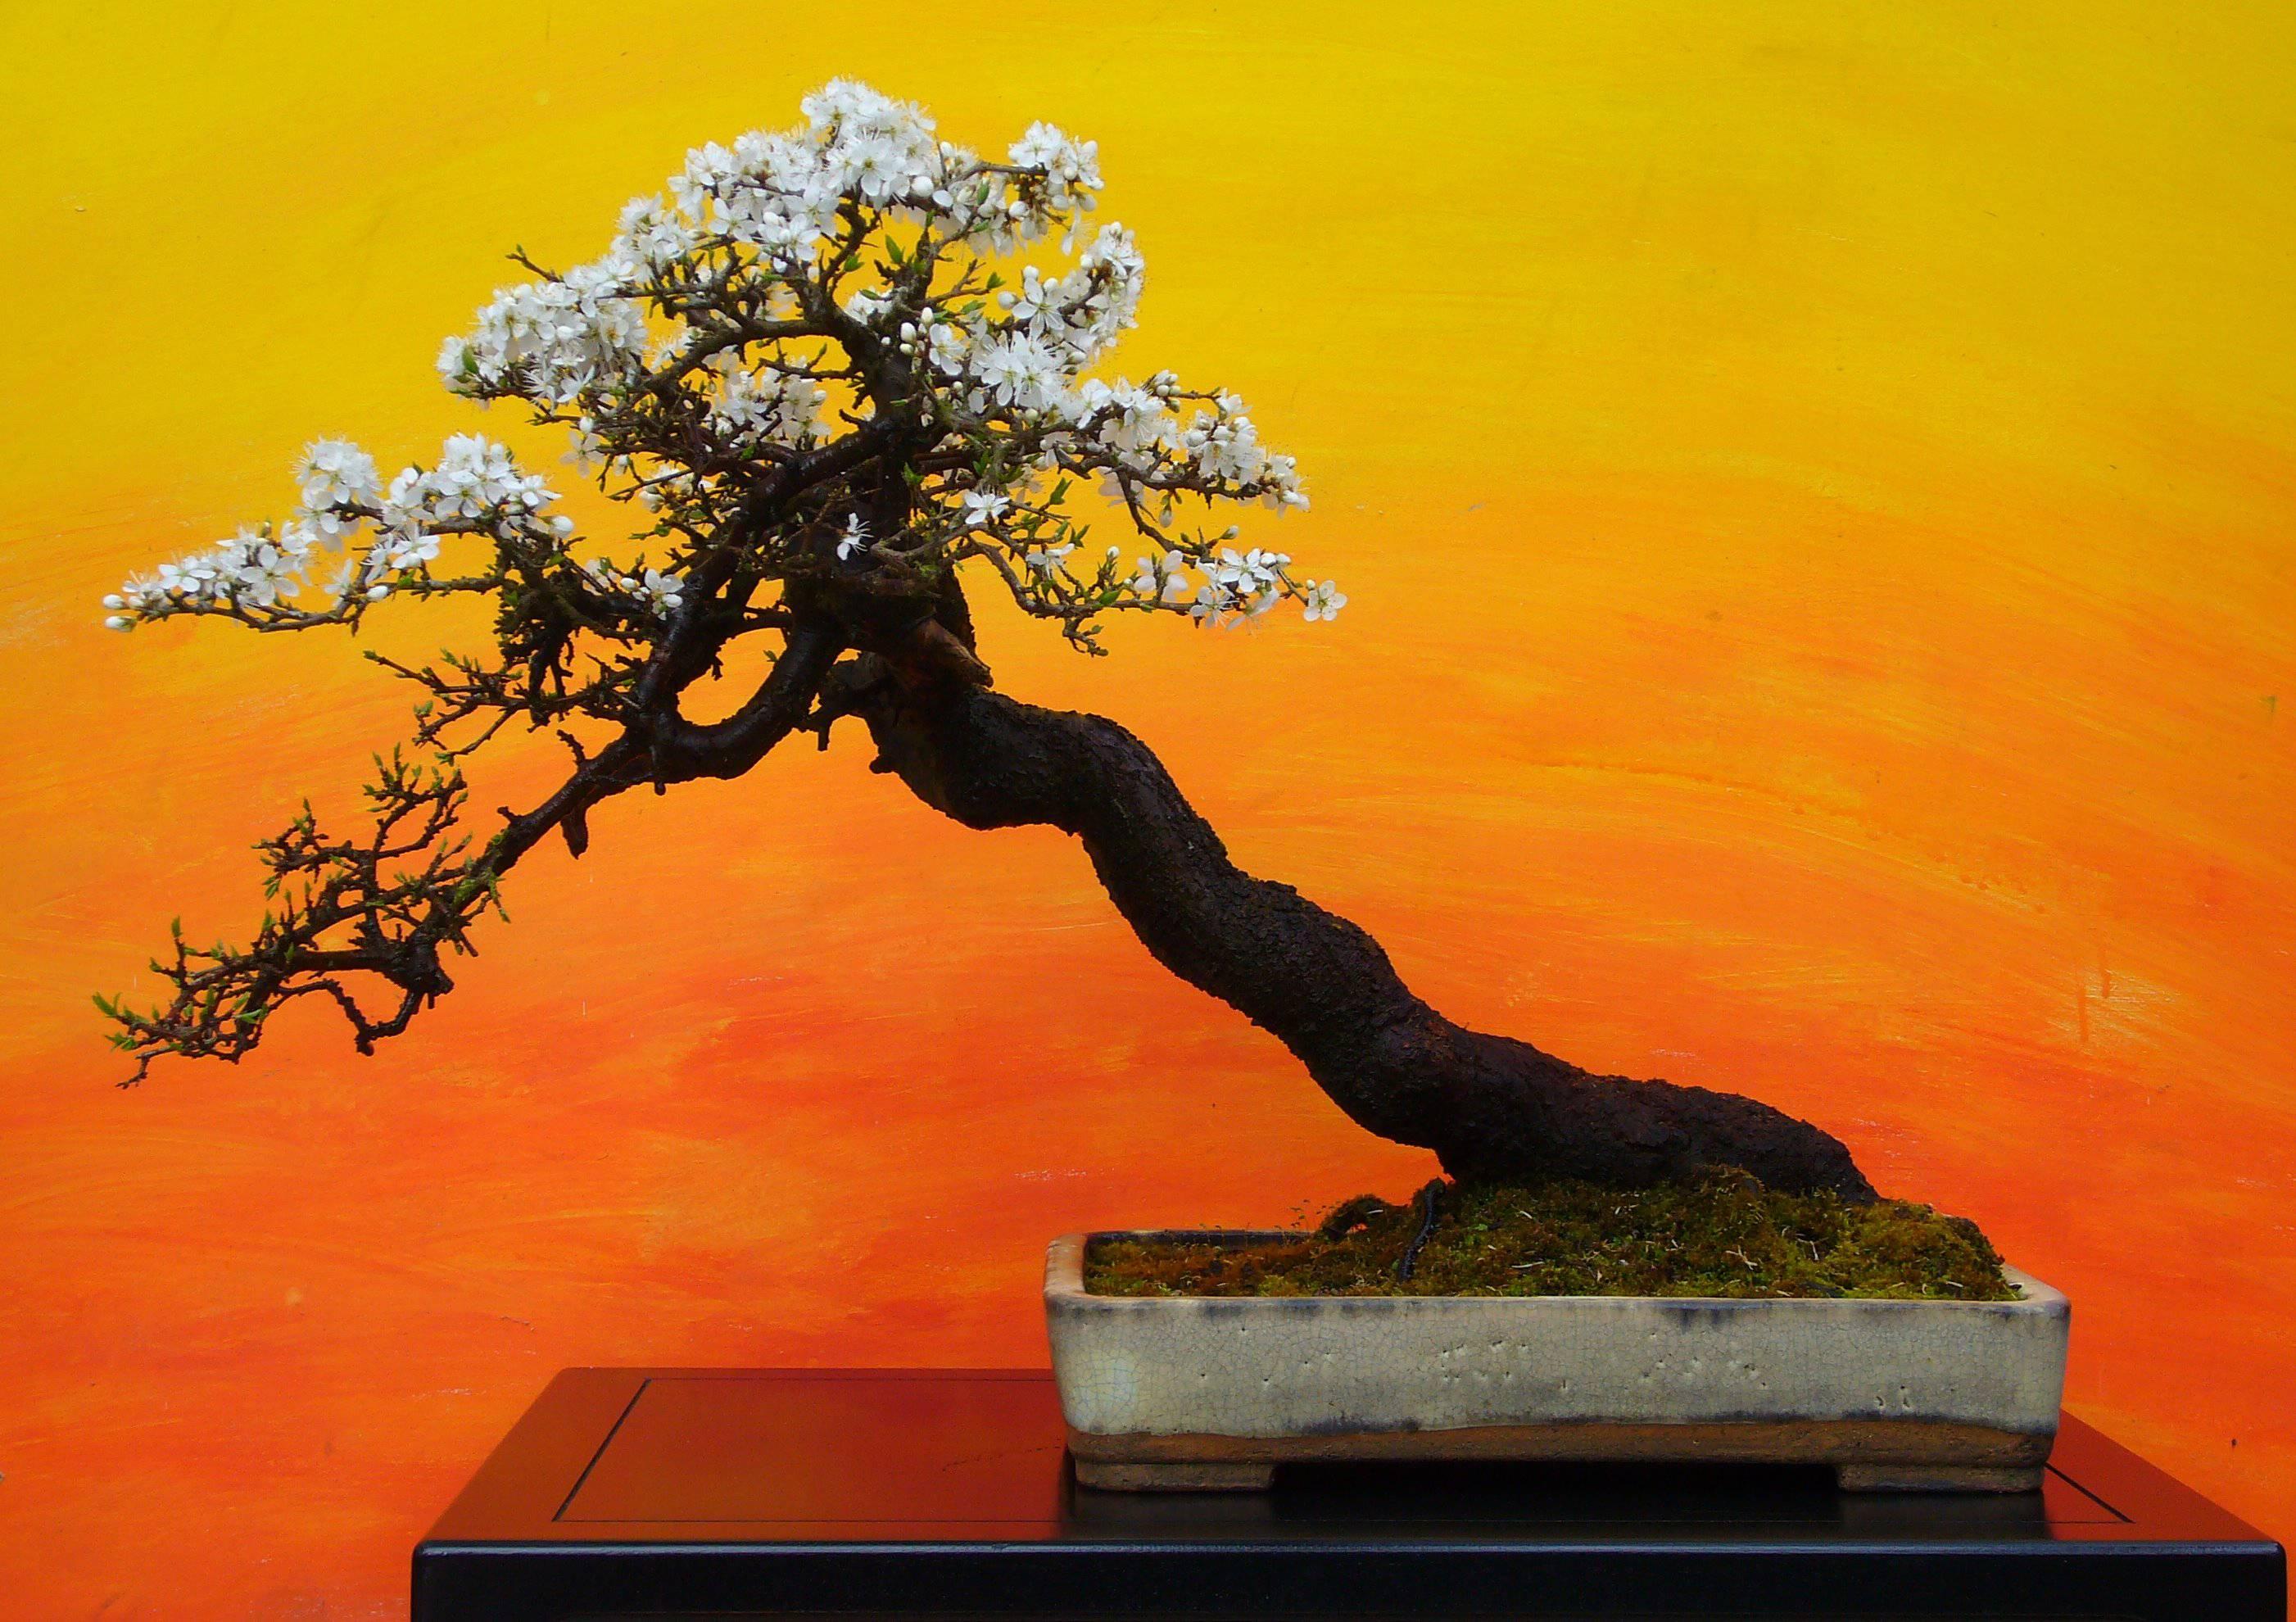 bonsai wallpaper wwwpixsharkcom images galleries